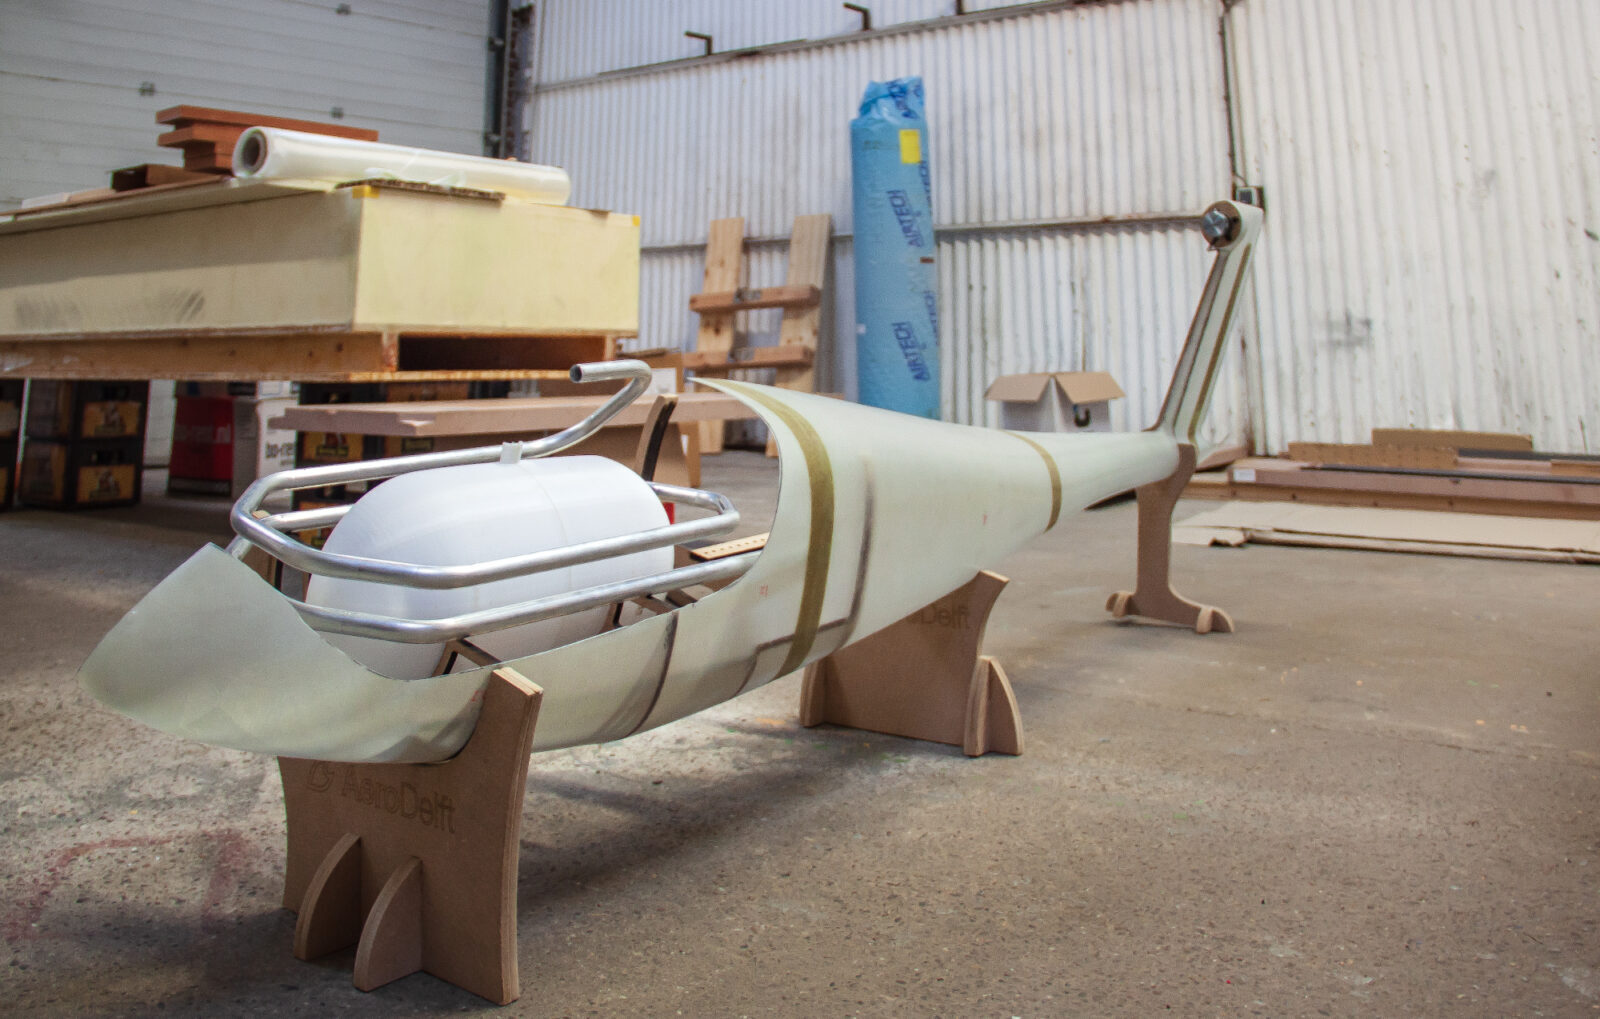 Aerodelft-prototype-1600×1019